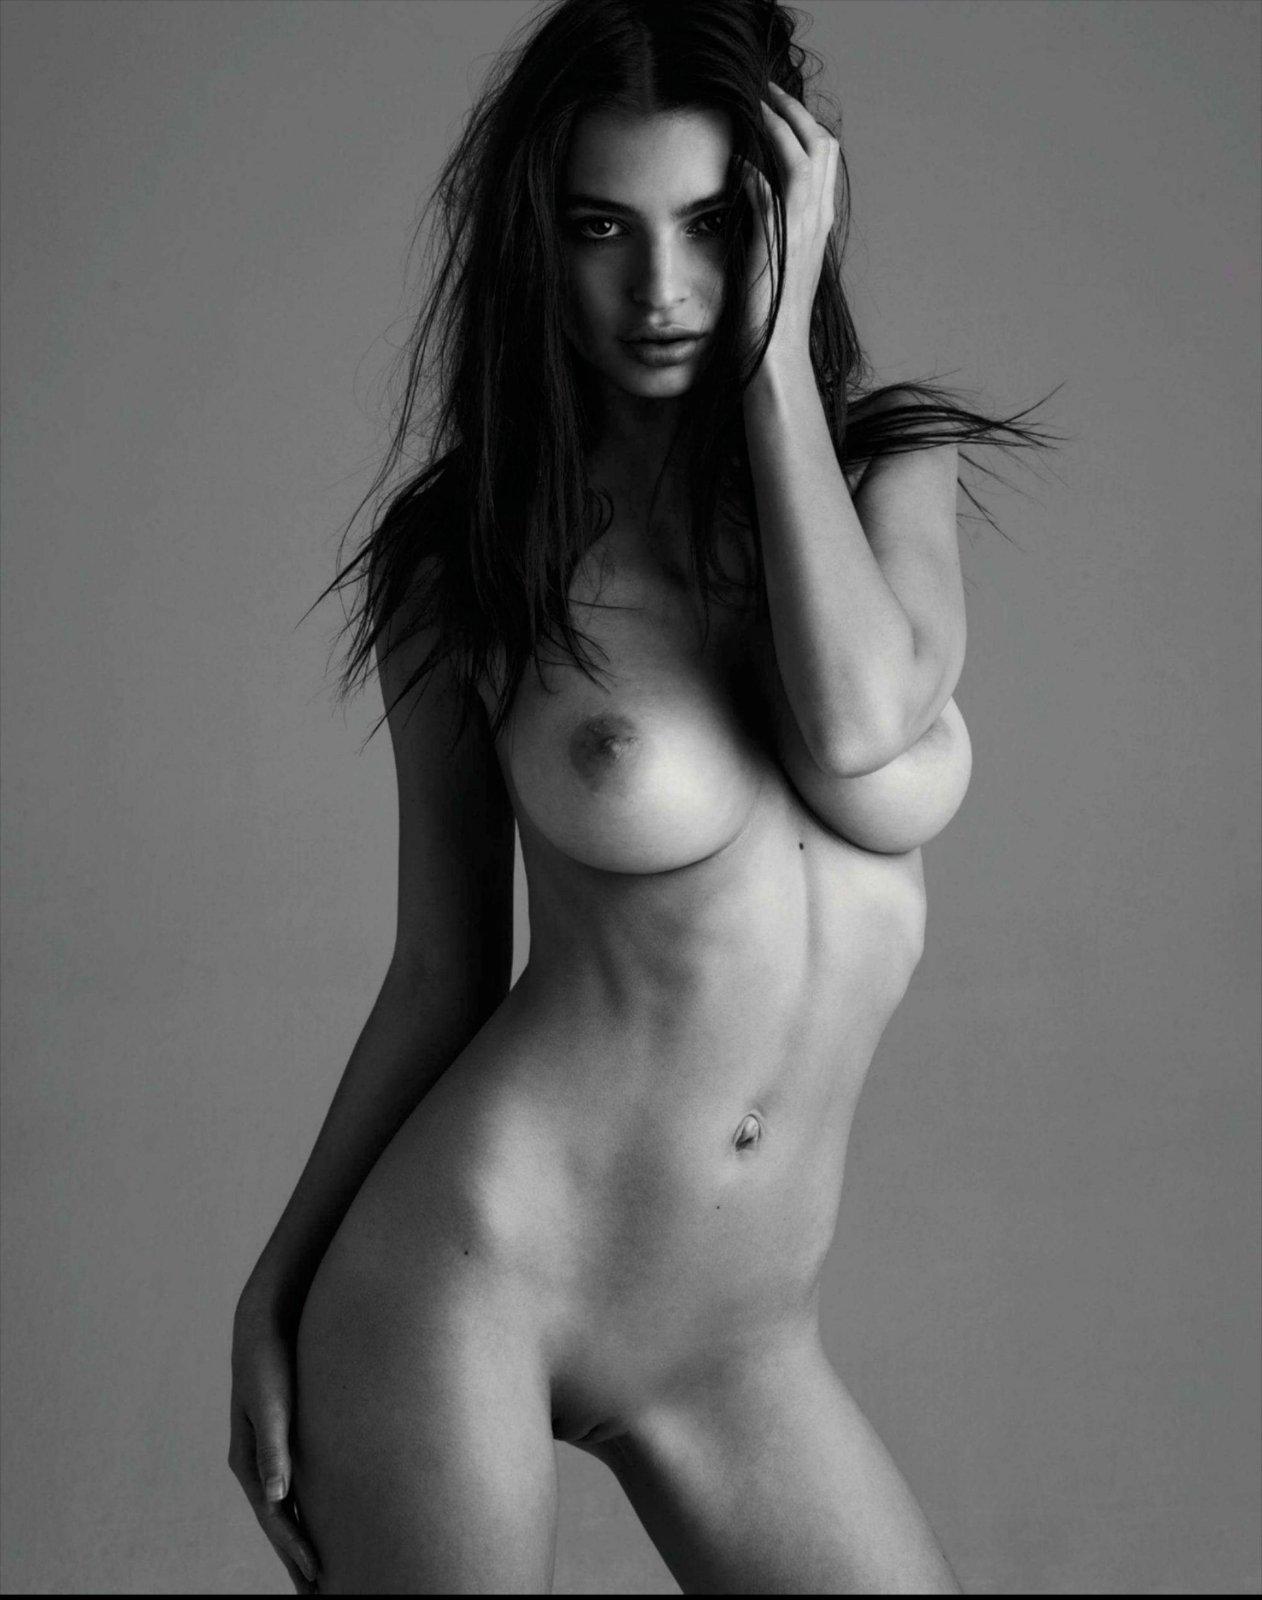 Emily-Ratajkowski-Nude-7